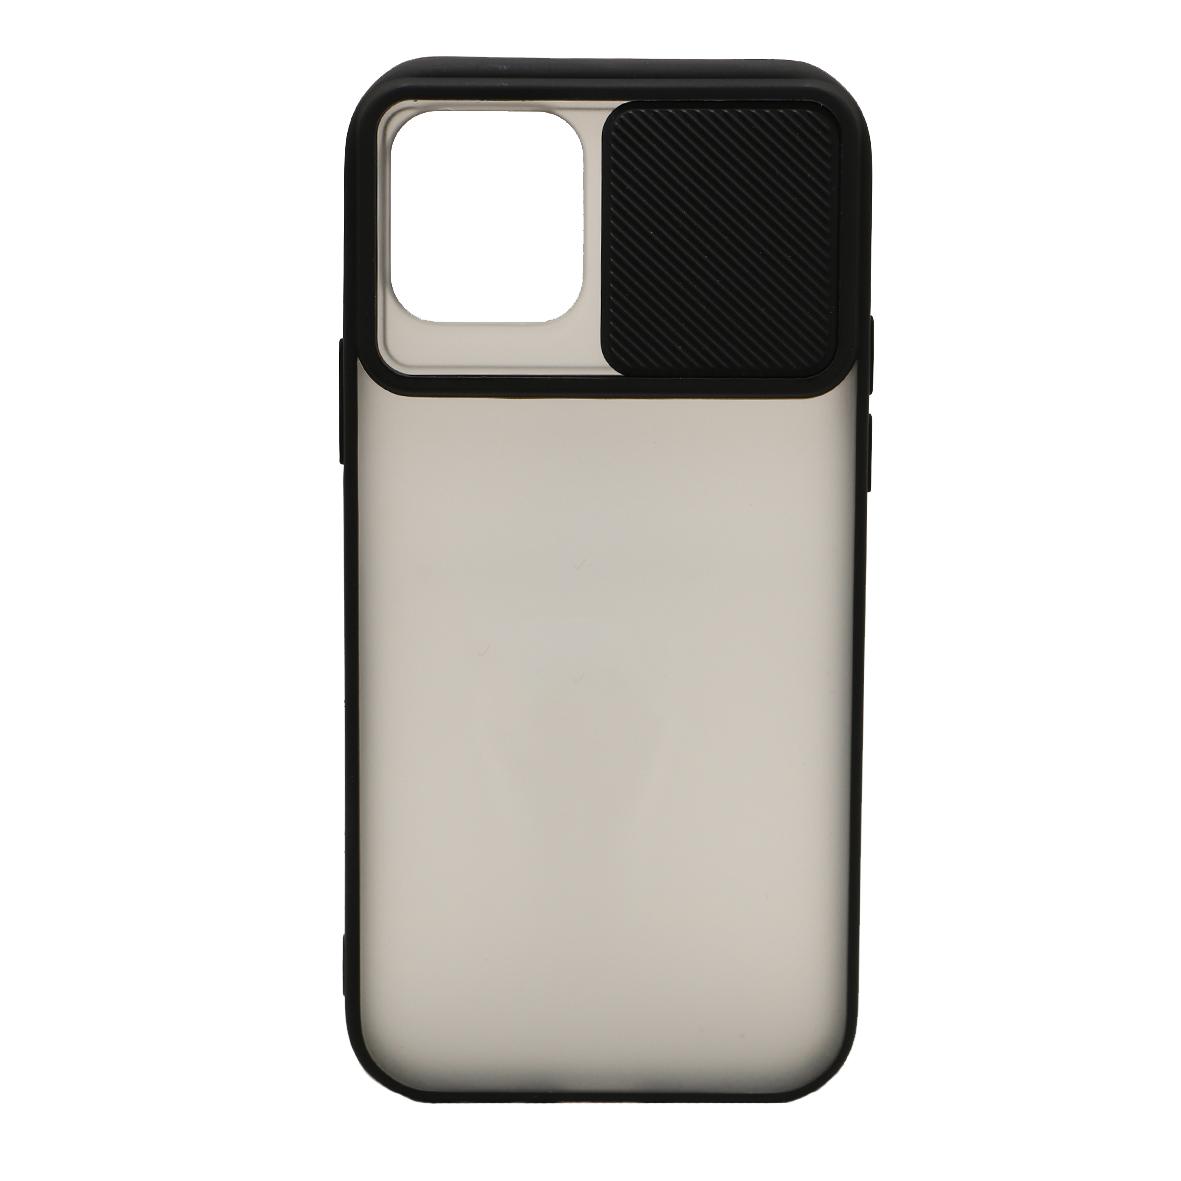 کاور مدل LNZ01 مناسب برای گوشی موبایل اپل IPhone 12 pro